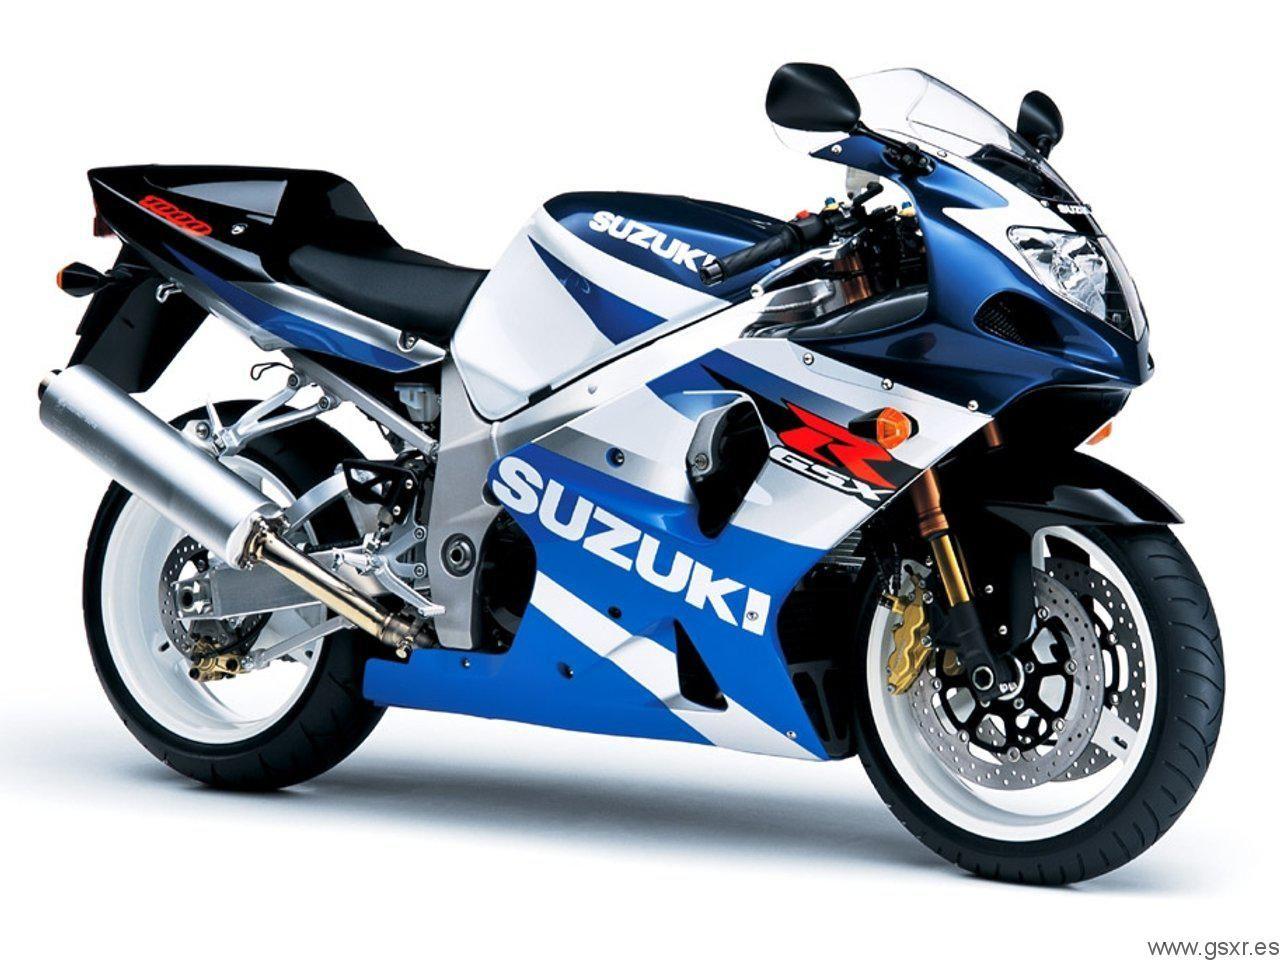 Suzuki Gsx R 1000 2005 Suzuki Gsx Suzuki Gsx R1000 Motocicleta Suzuki